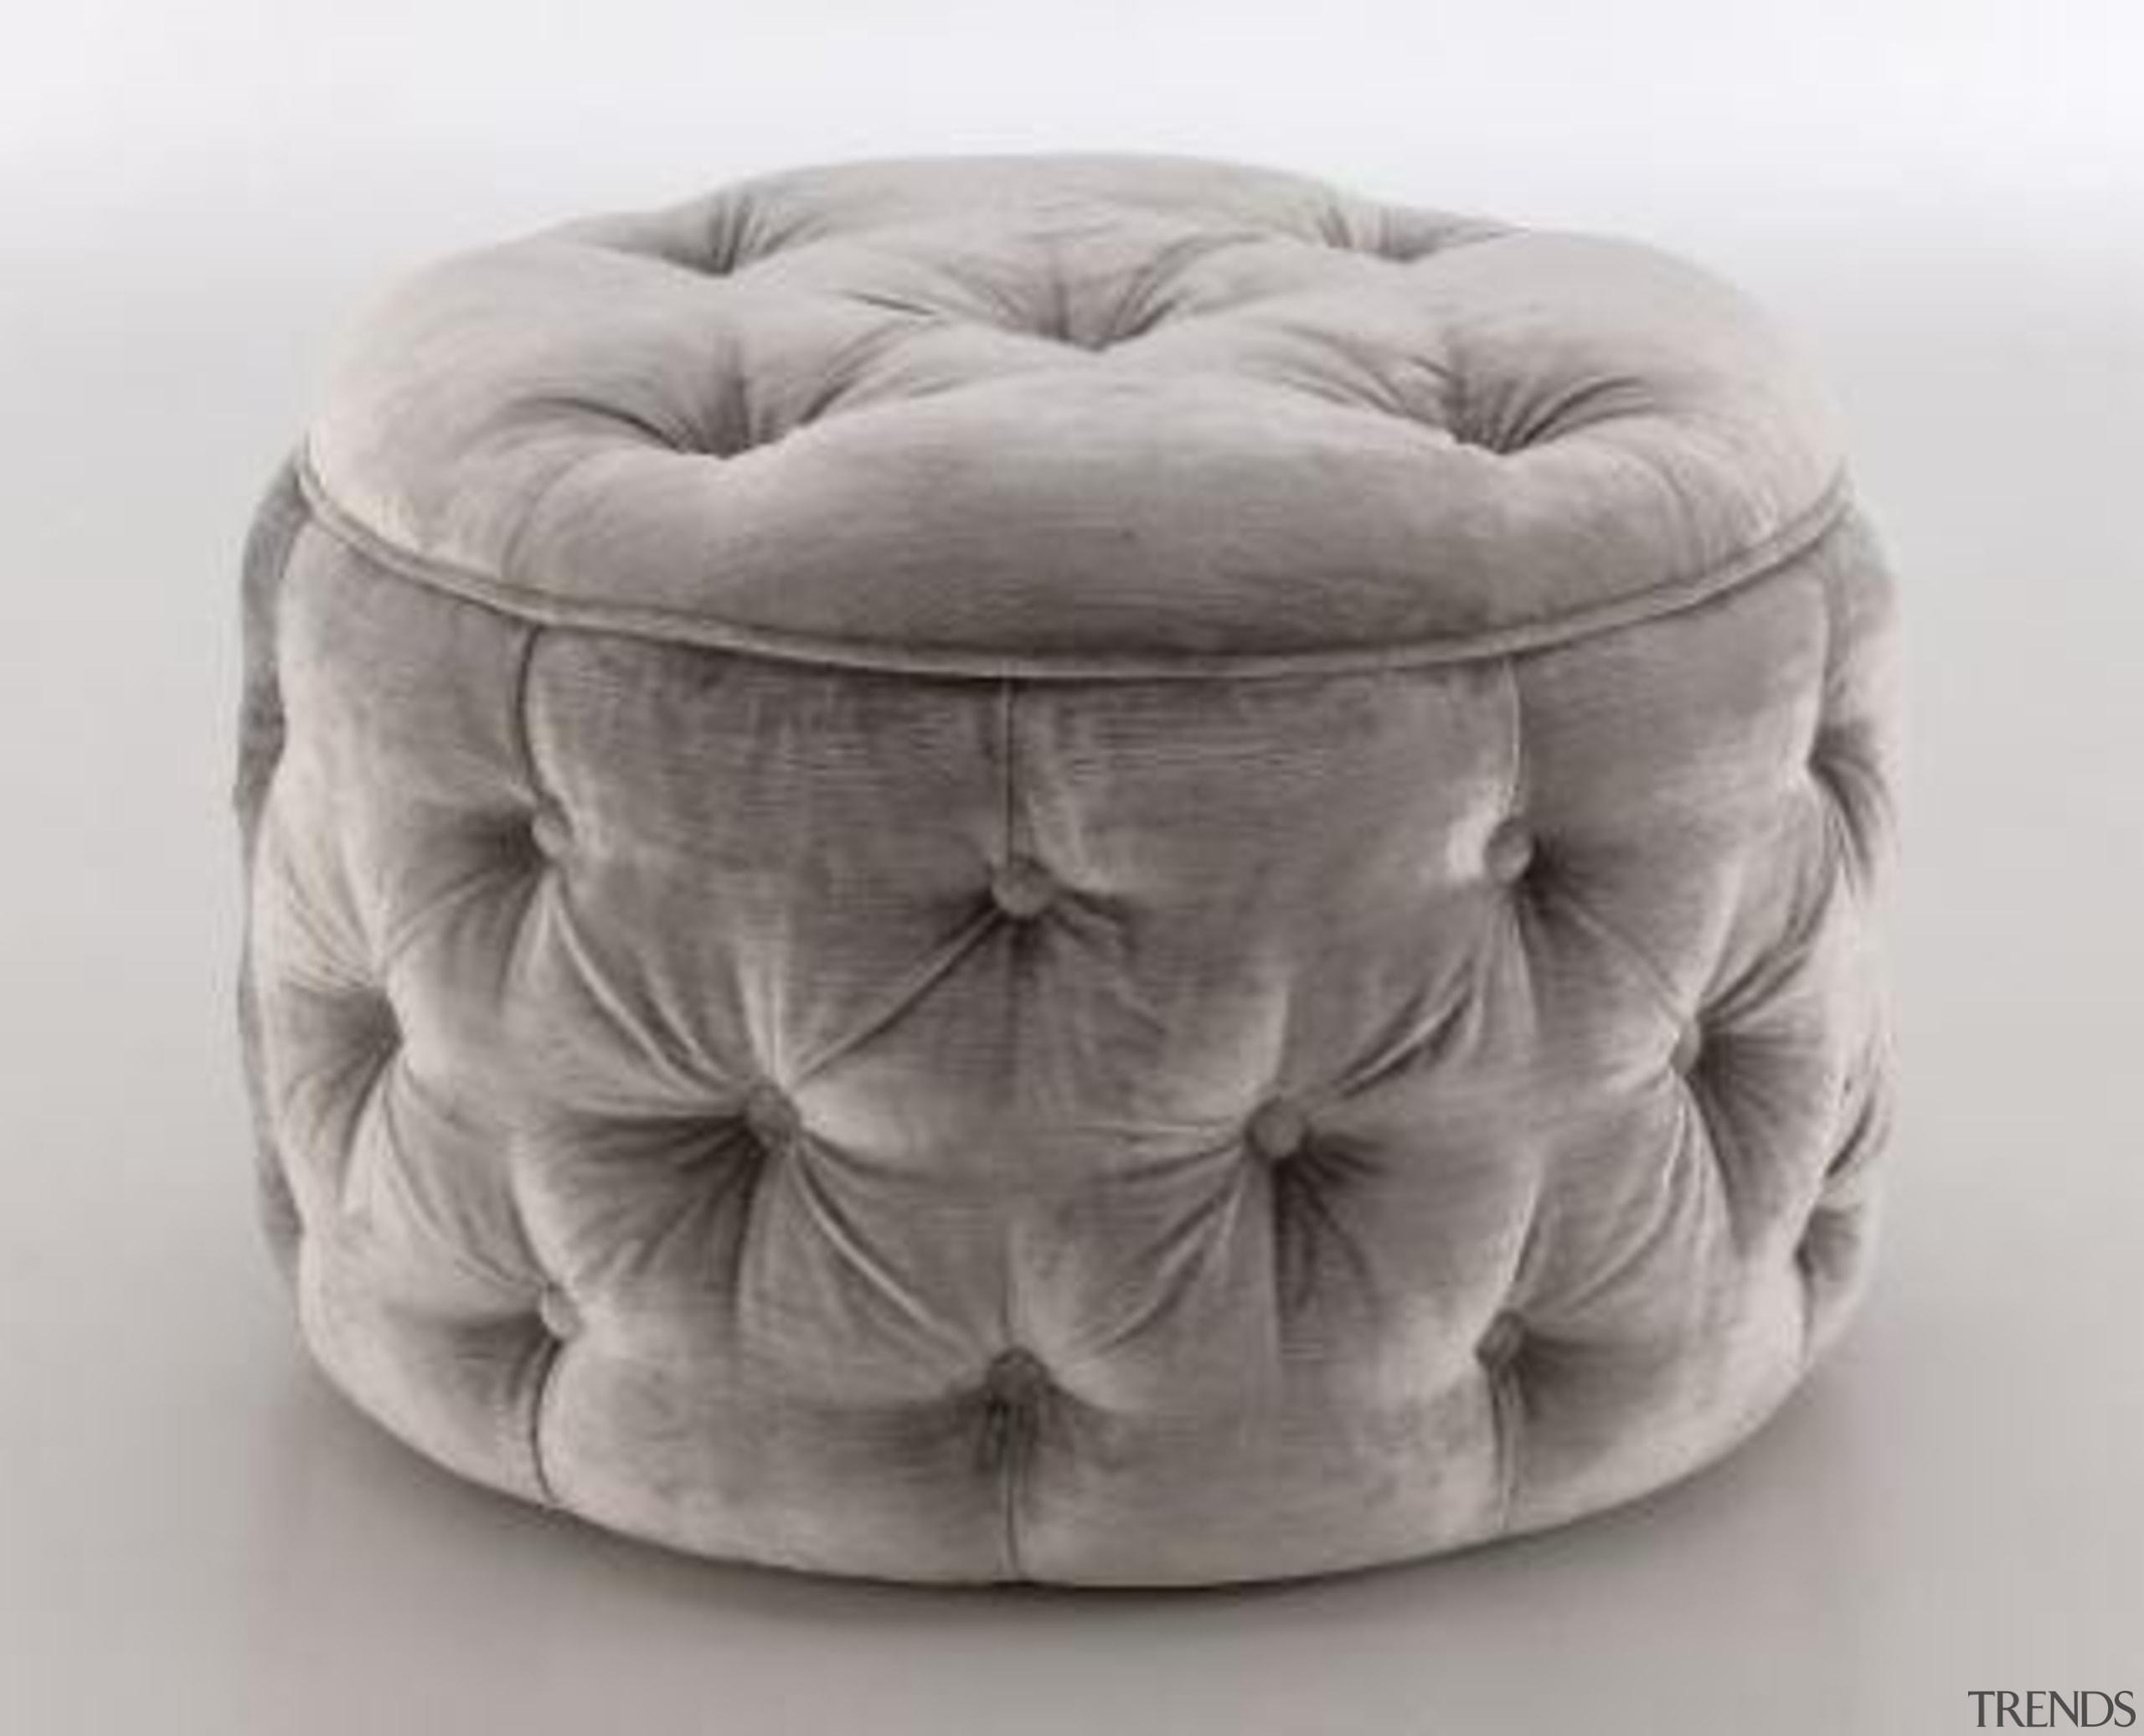 Deep buttoned ottoman - Deep buttoned ottoman - furniture, gray